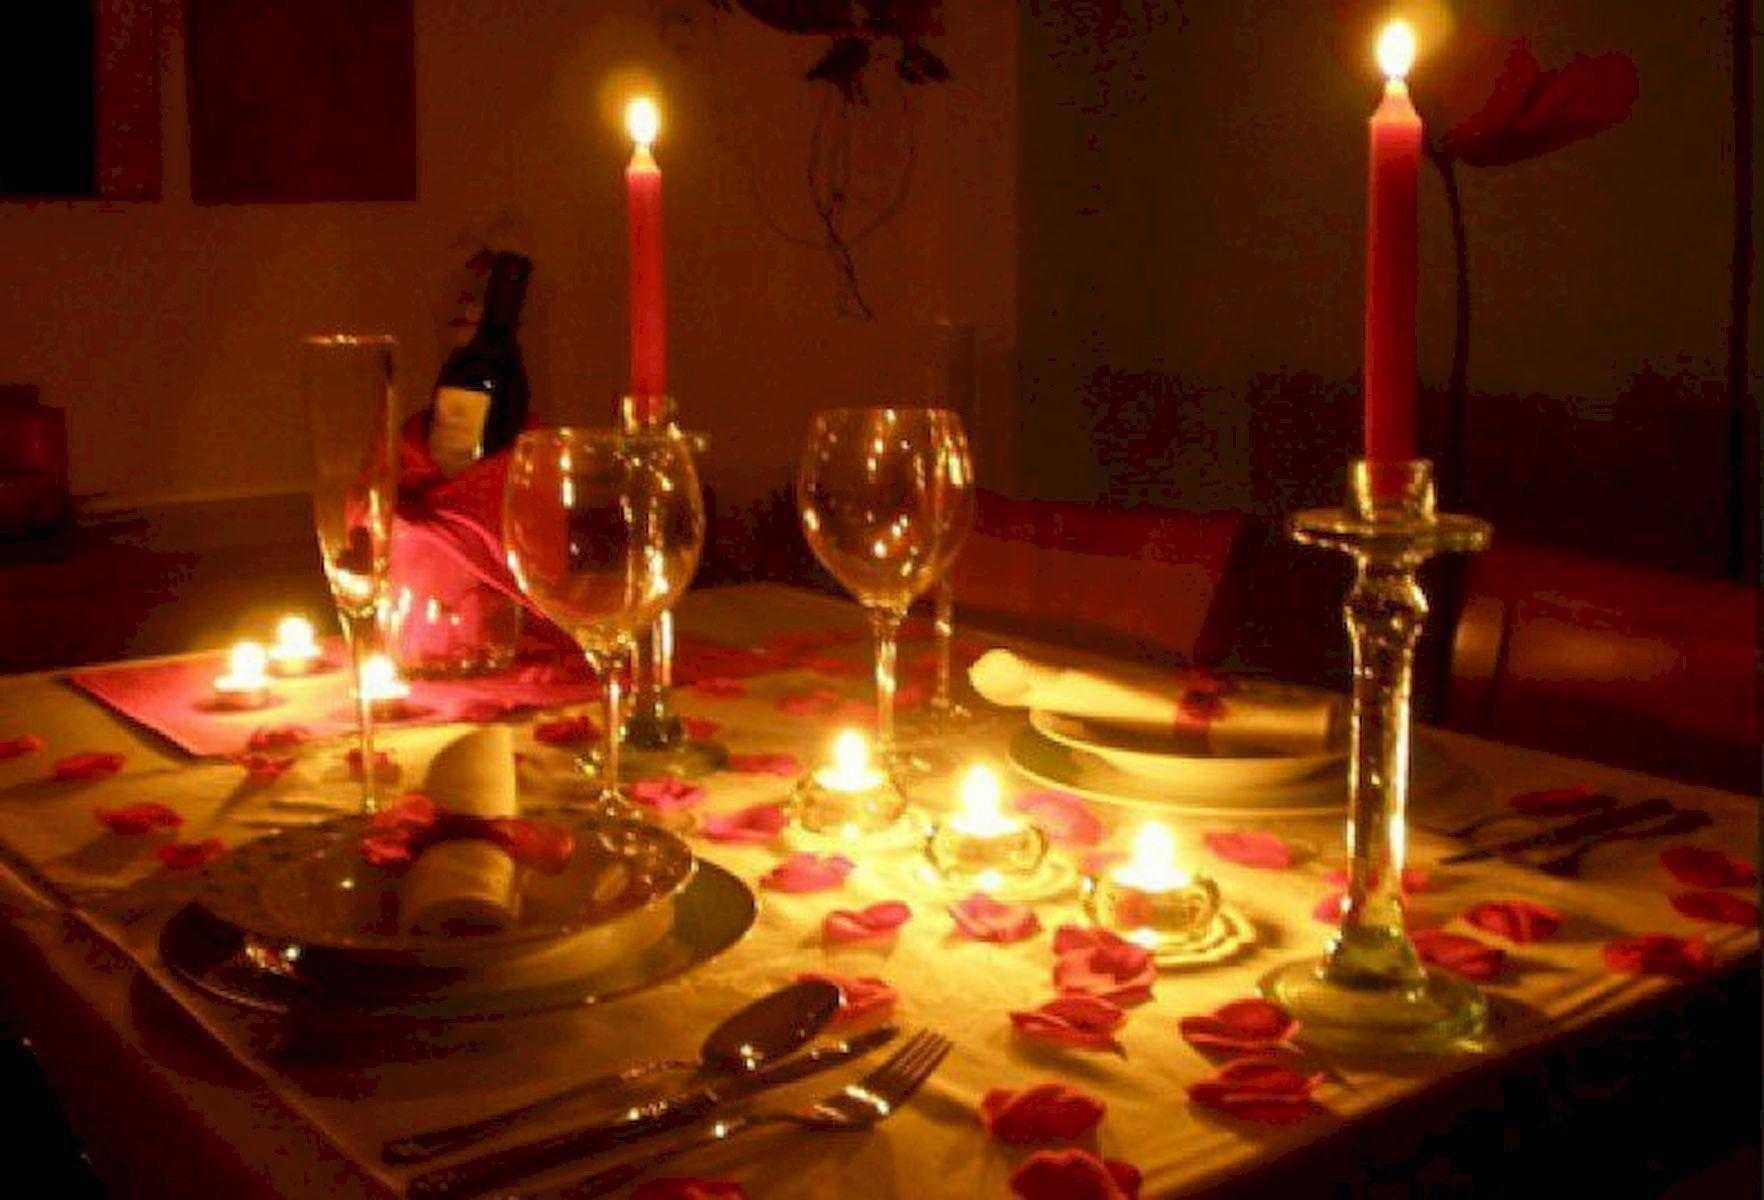 Что приготовить на ужин девушке: рецепты для романтического ужина